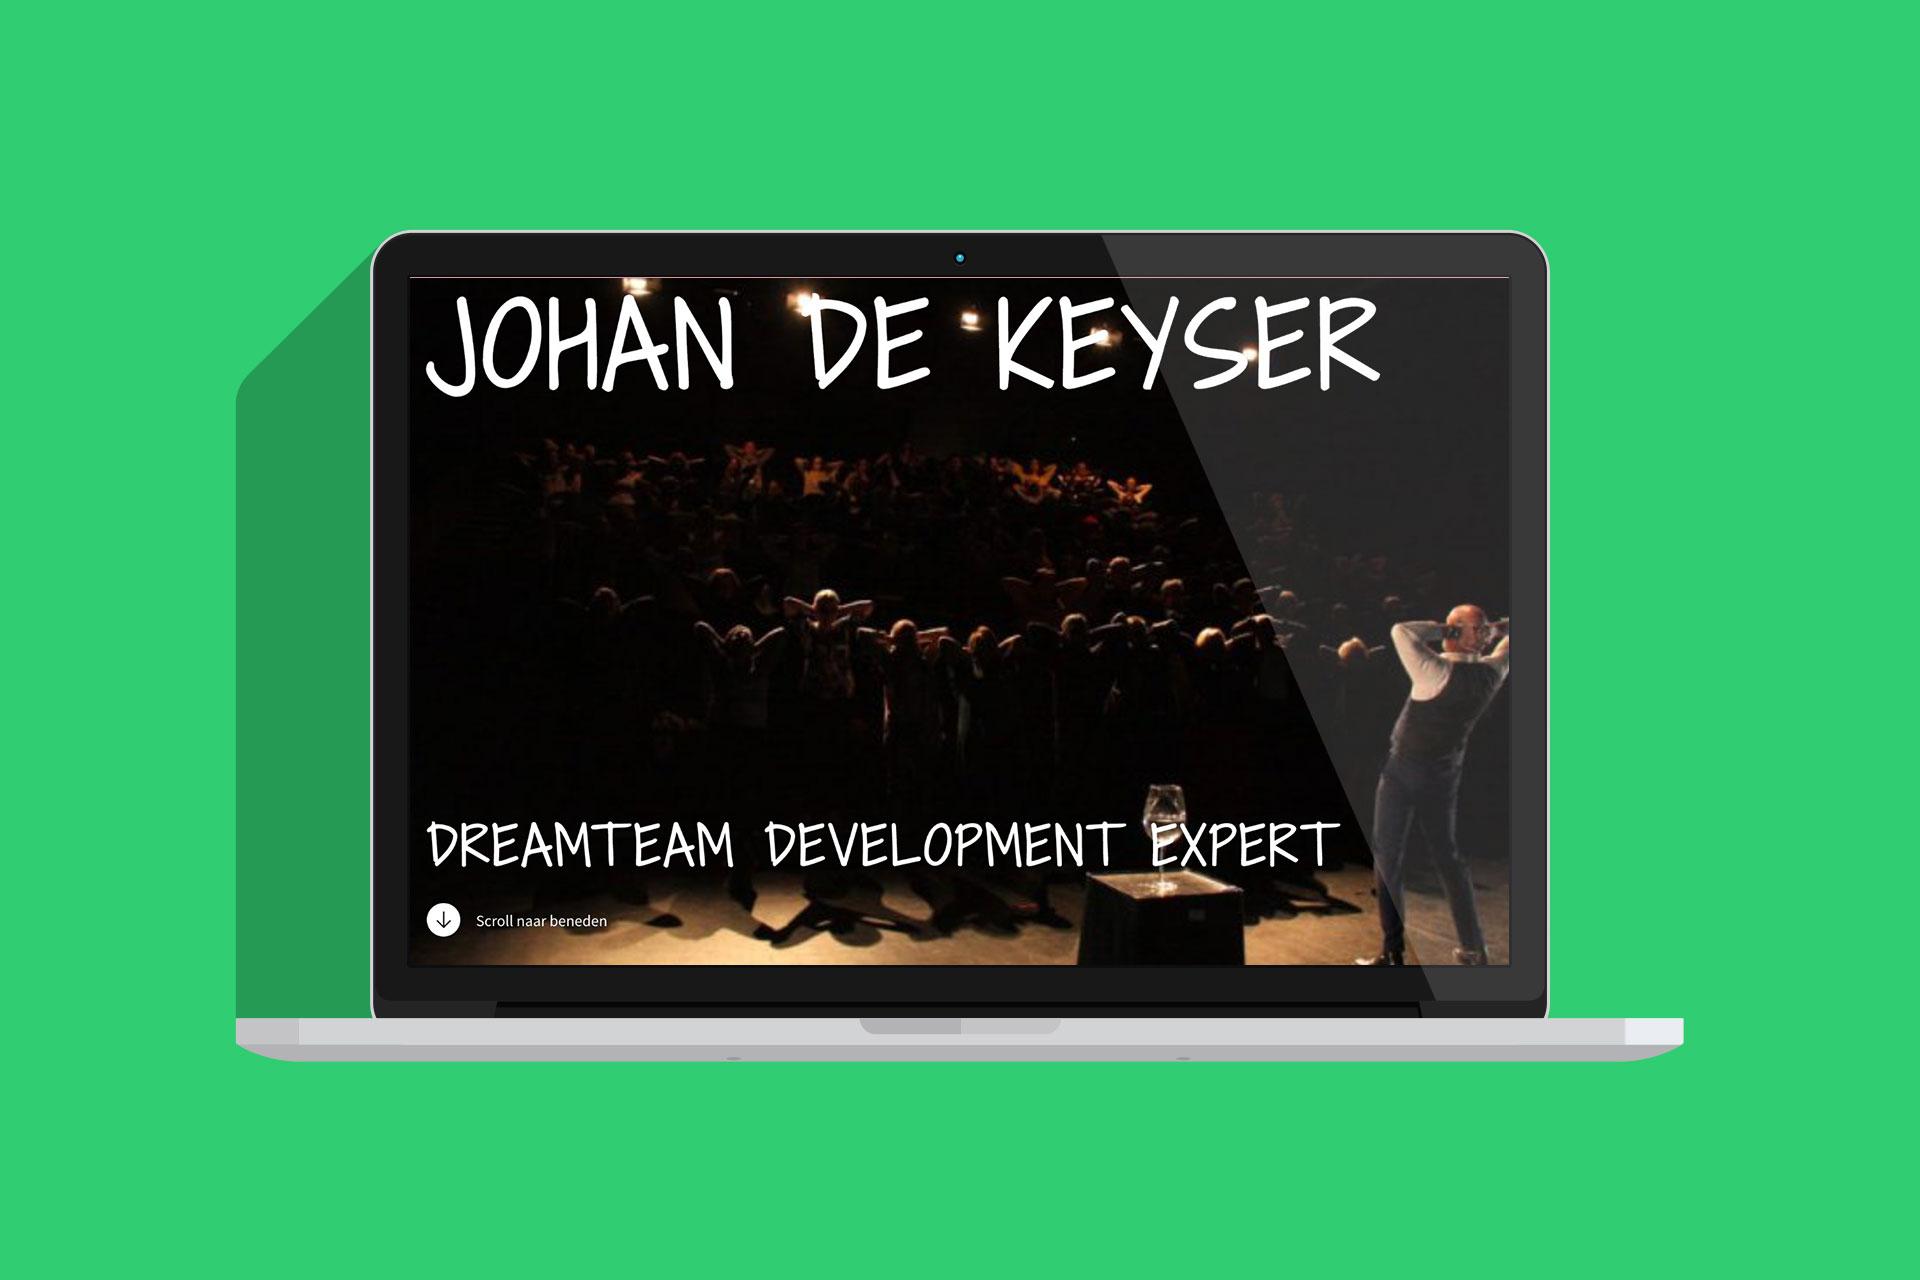 Johand De Keyser websiteafbeelding